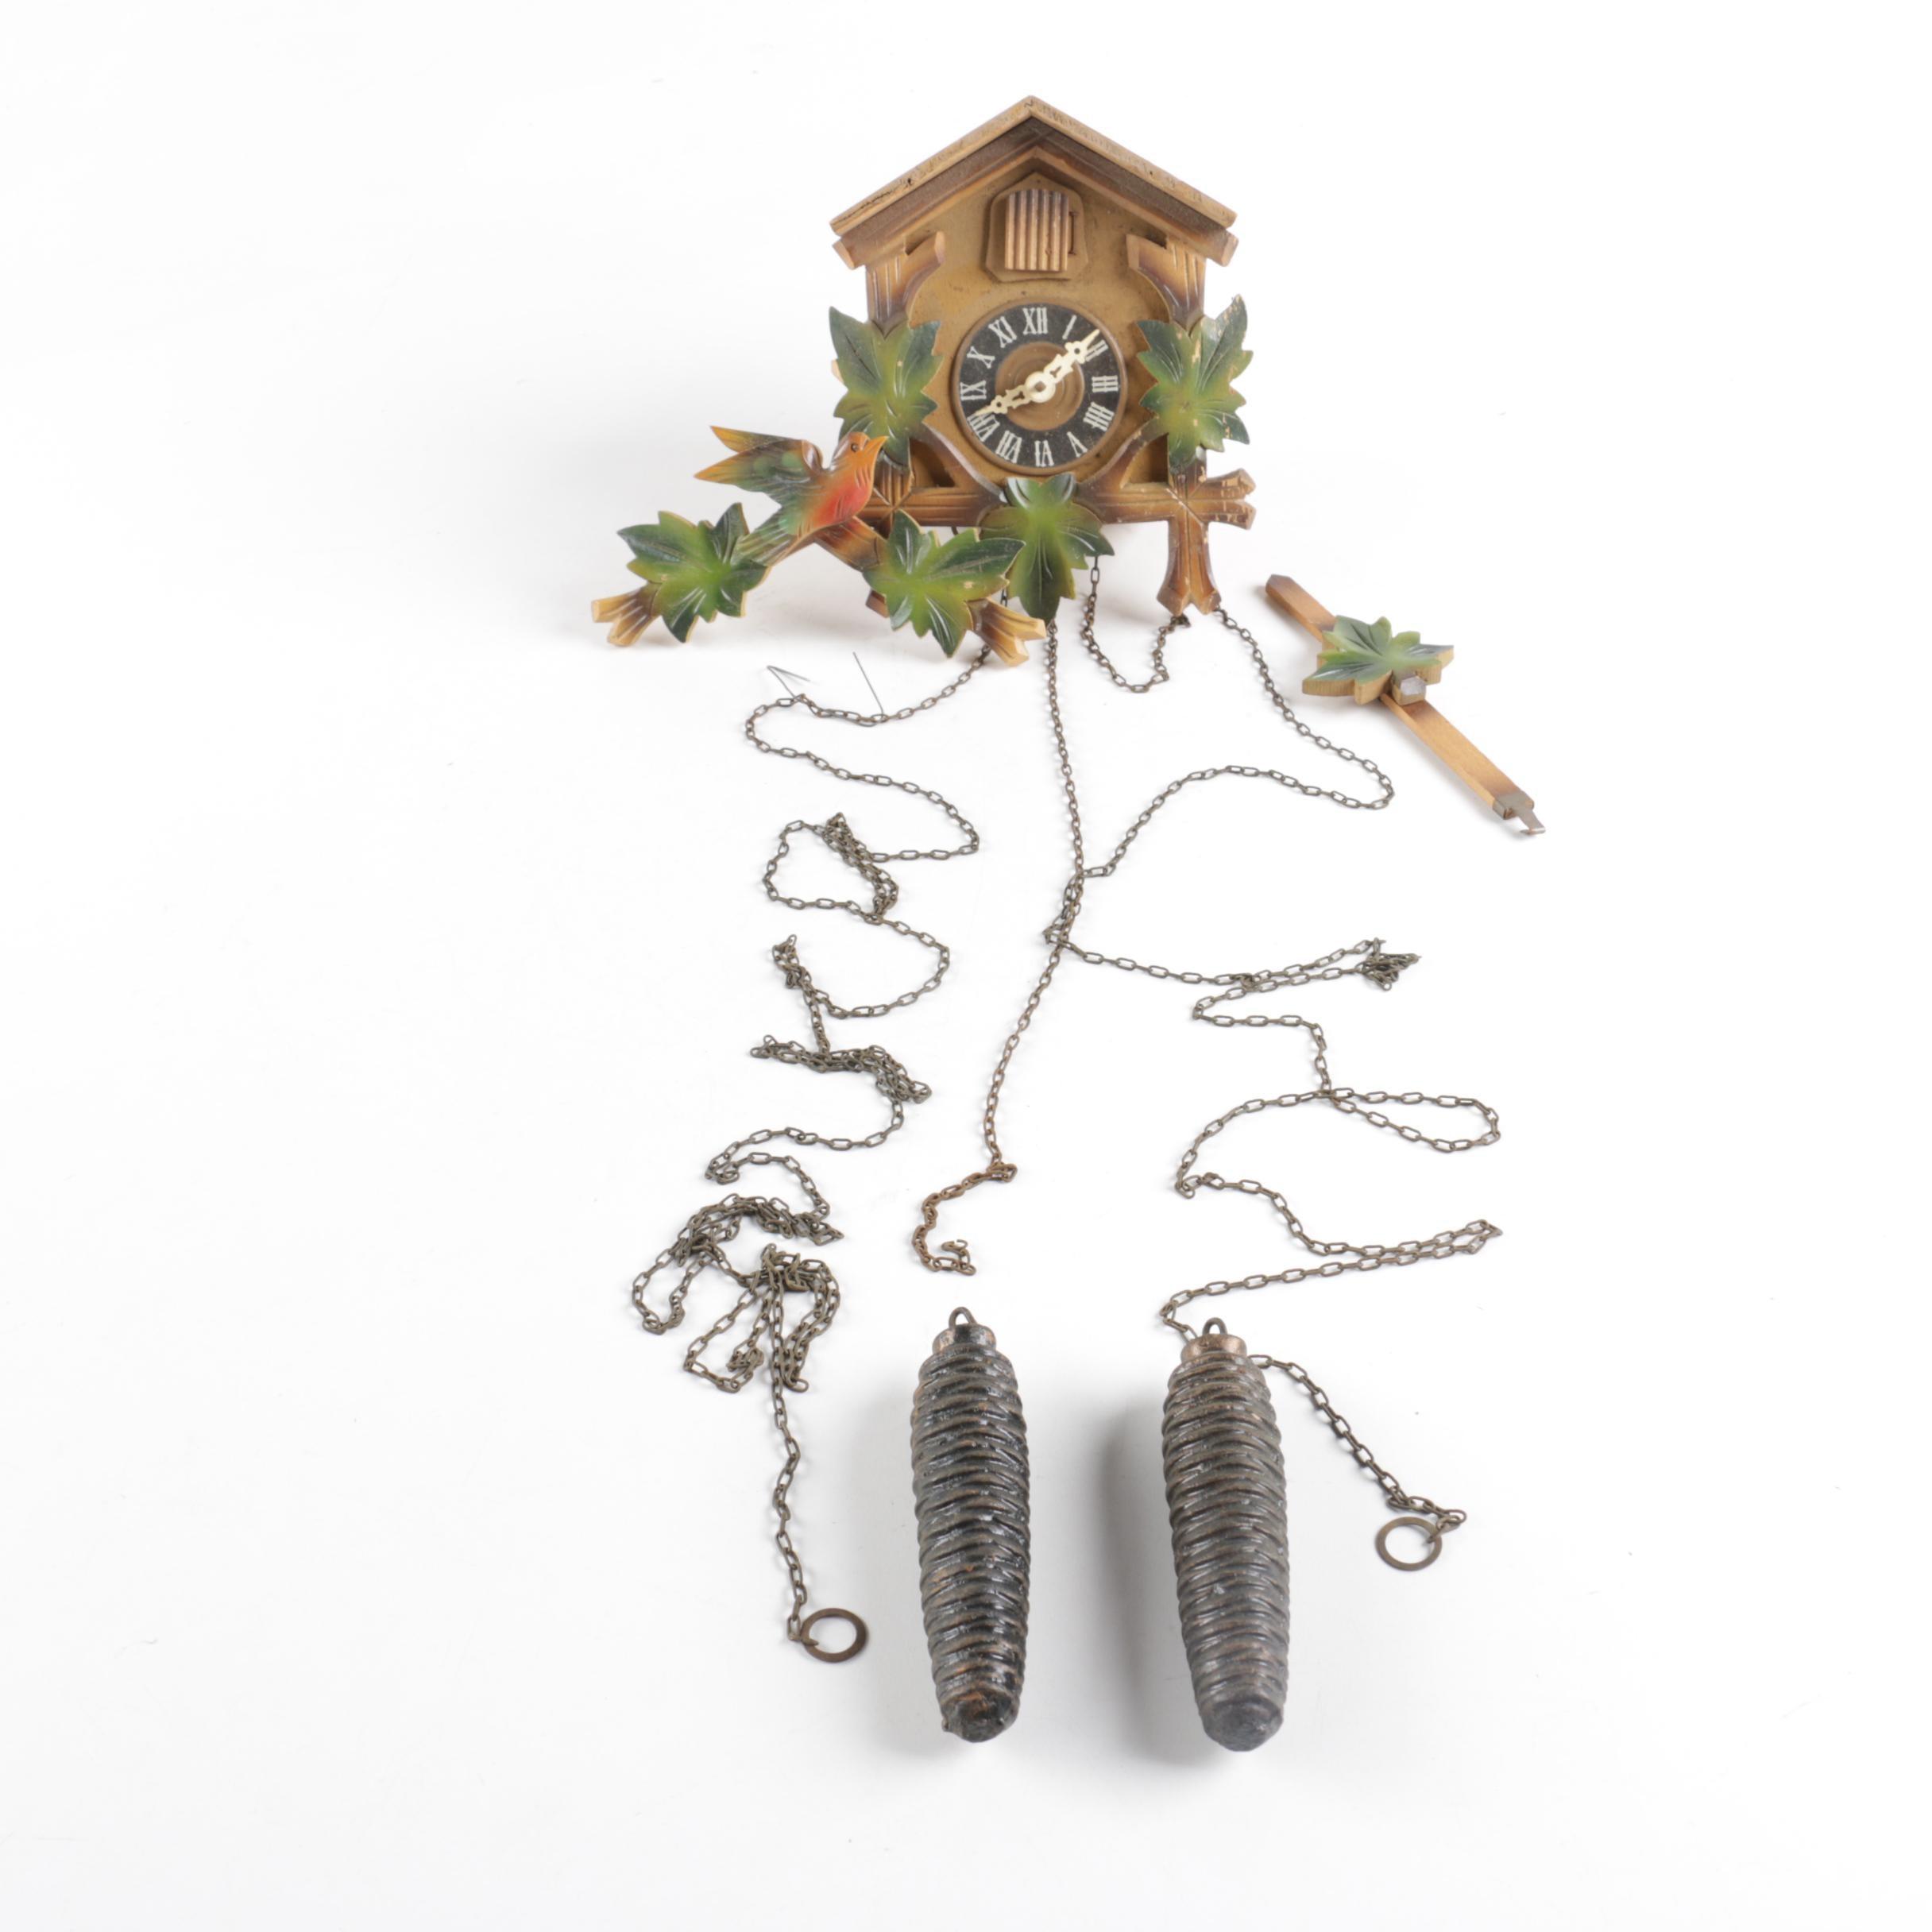 Handcrafted Vintage Cuckoo Clock